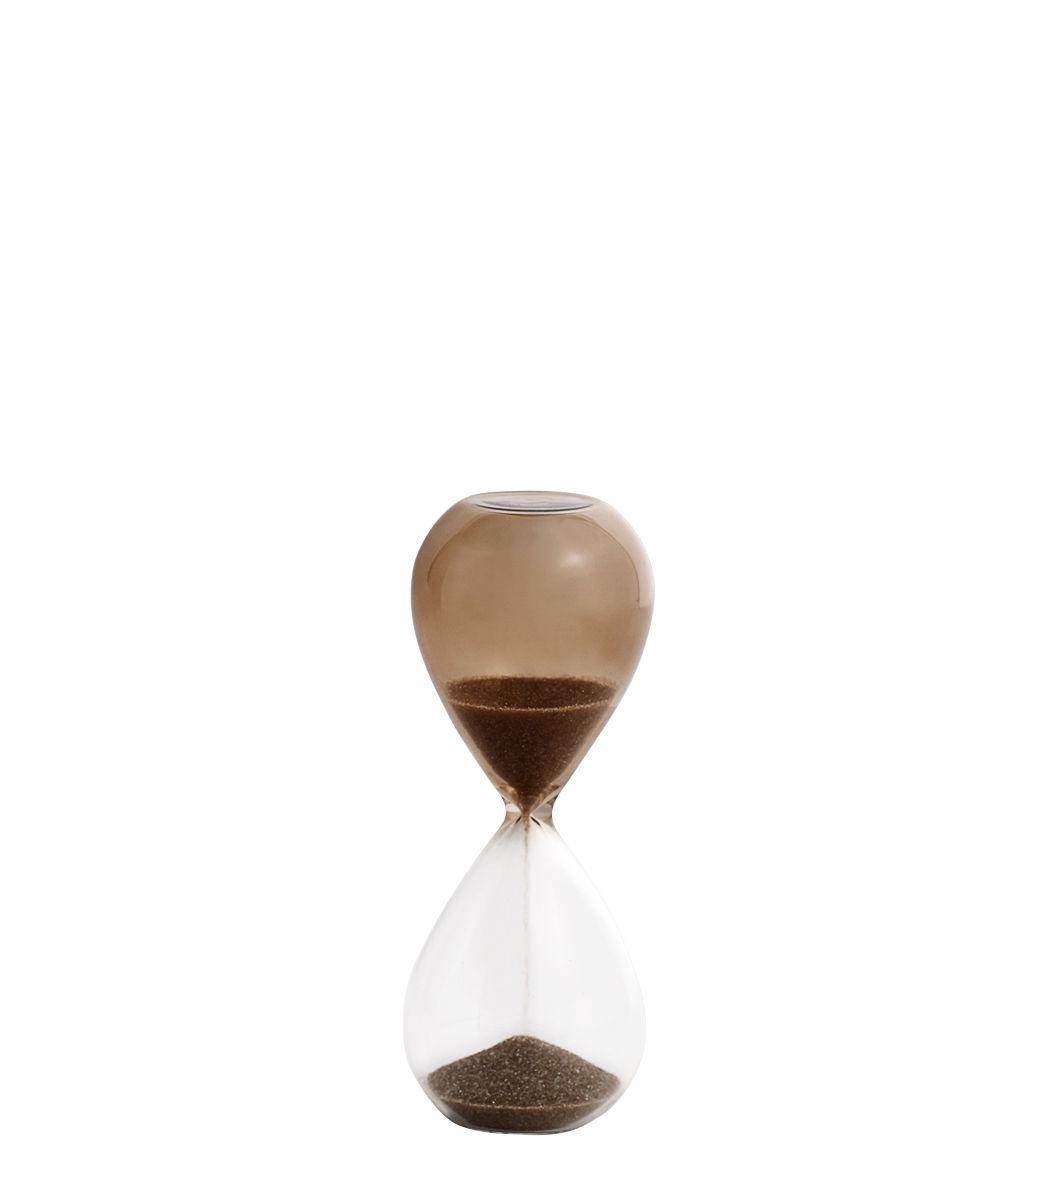 Cucina - Utensili da cucina - Clessidra Time Small - / 3 Minuti - H 9 cm di Hay - Trasparente / Nude - sabbia, Vetro